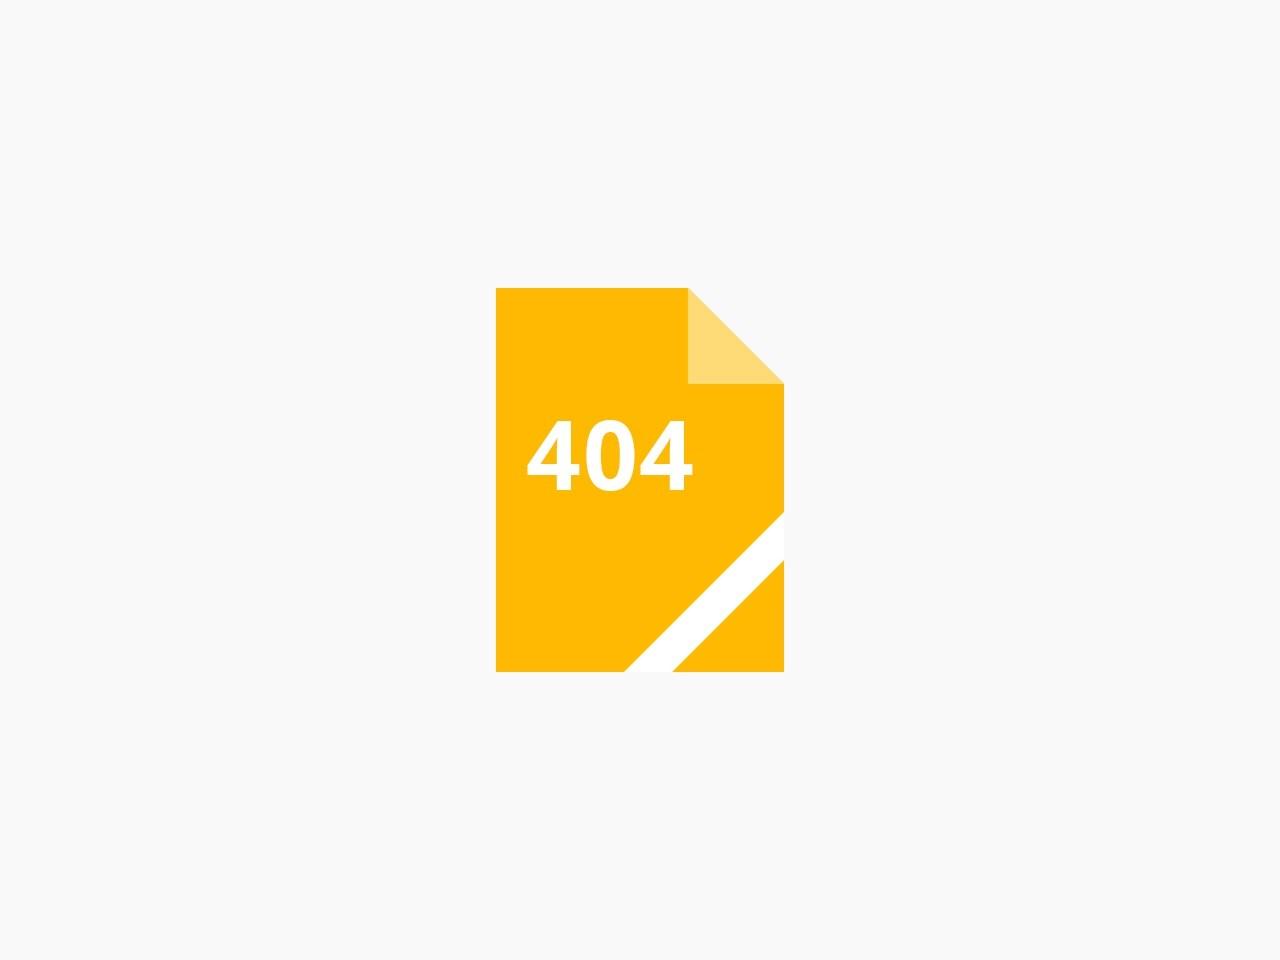 温州代办公司注册办理-上海代理记账财务公司-变更营业执照地址需要什么材料-瓜壳财务